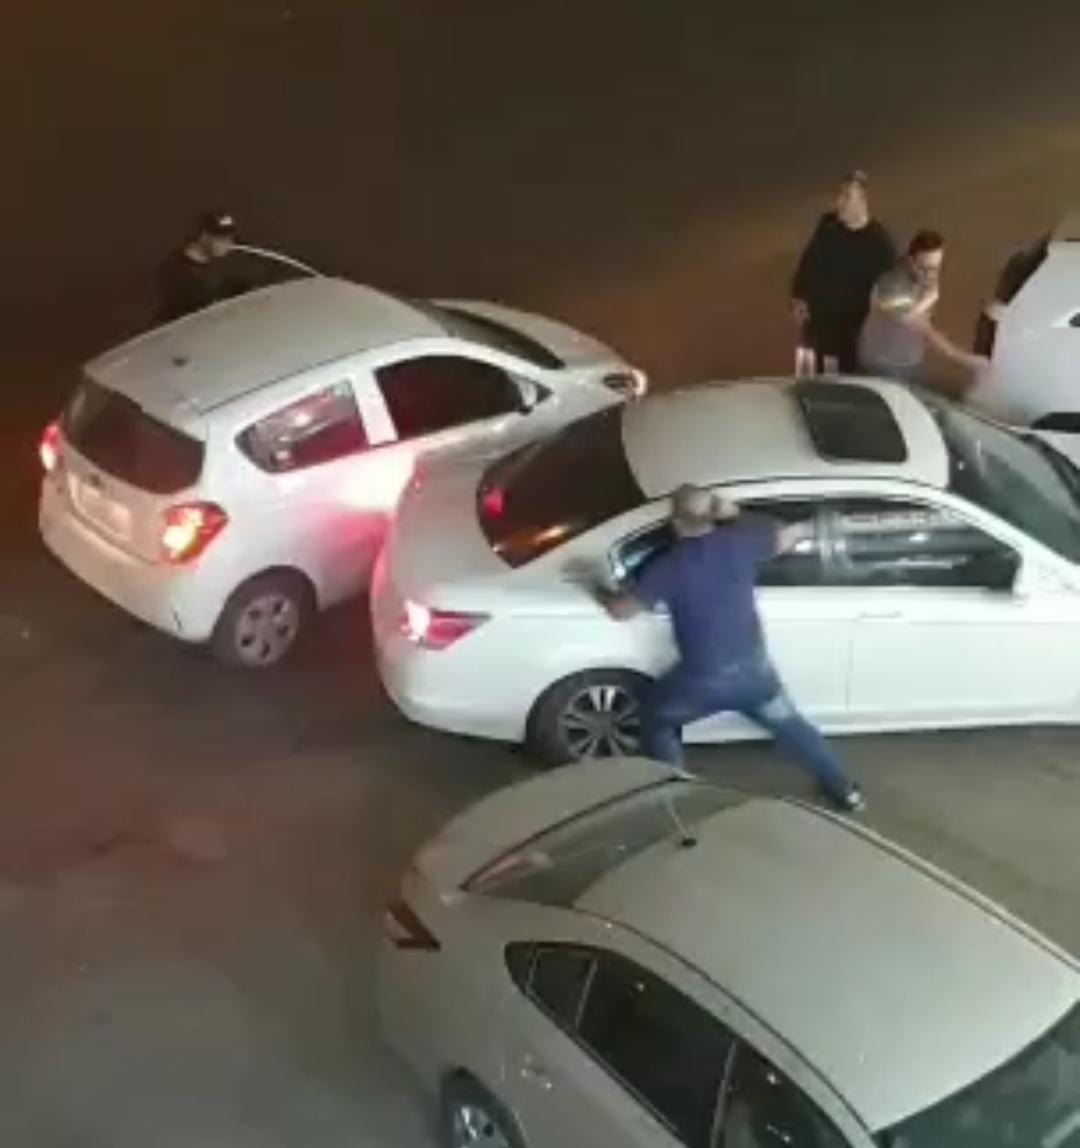 شرطـة الرياض تصدر بيانا بشأن المتورطين في سرقة جوال مندوب مرسول .. وتكشف عن جنسياتهم!   #سرقه_مرسول